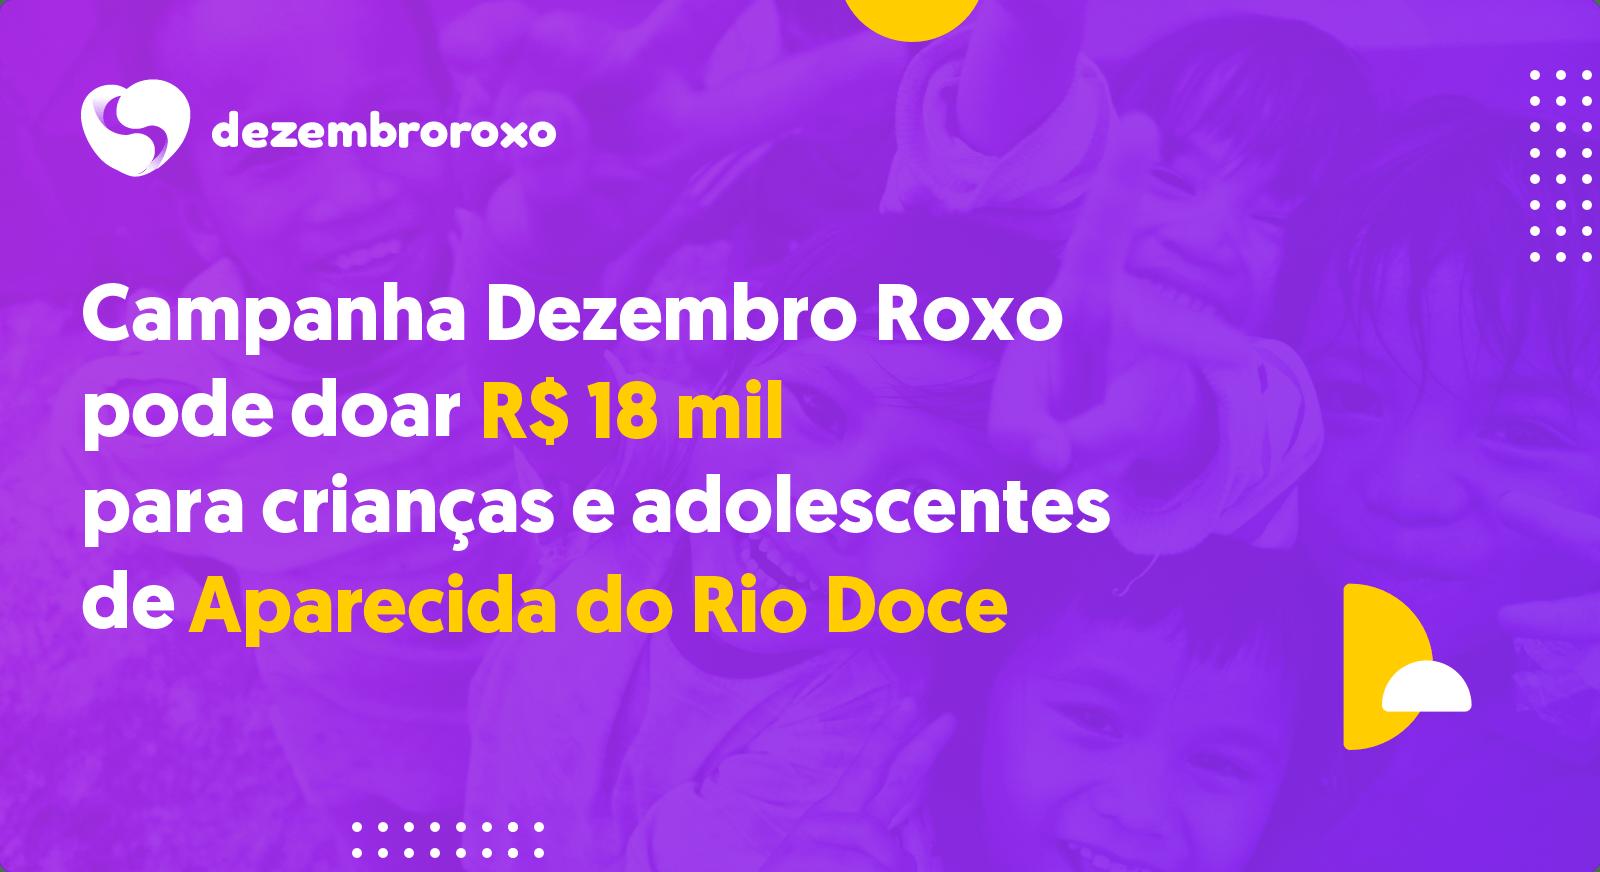 Doações em Aparecida do Rio Doce - GO